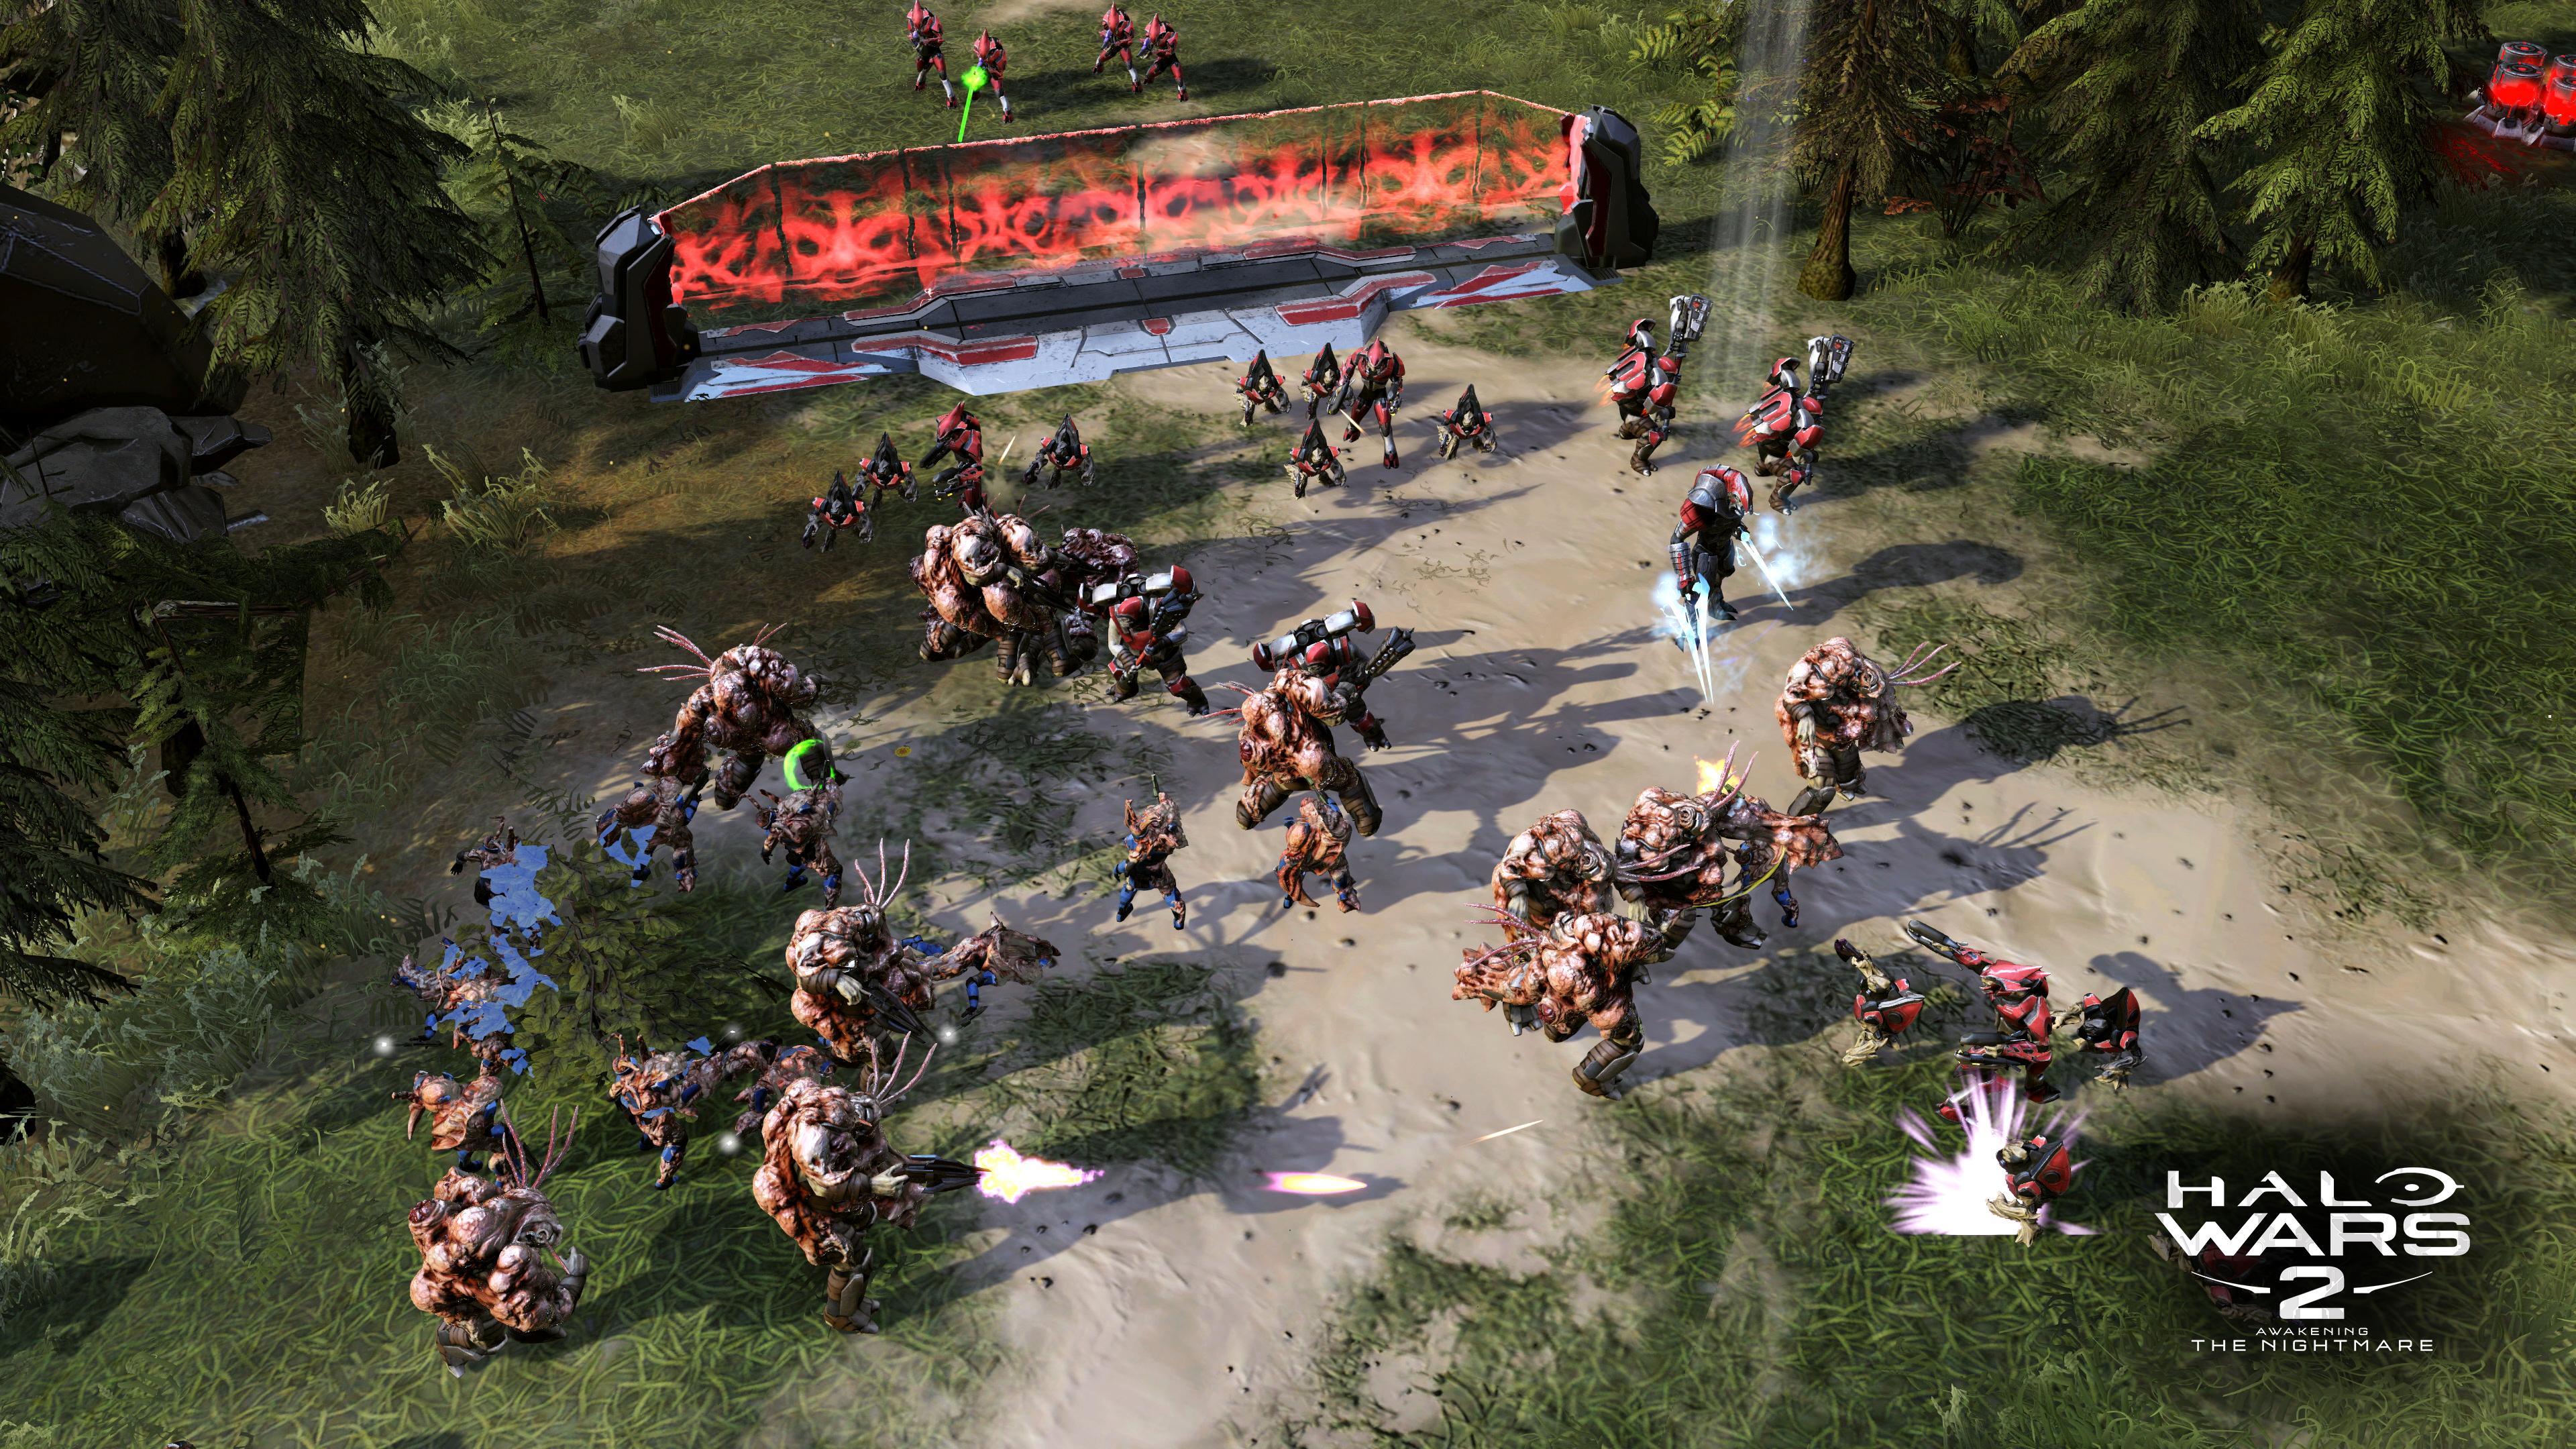 Halo Wars 2 Battle Large